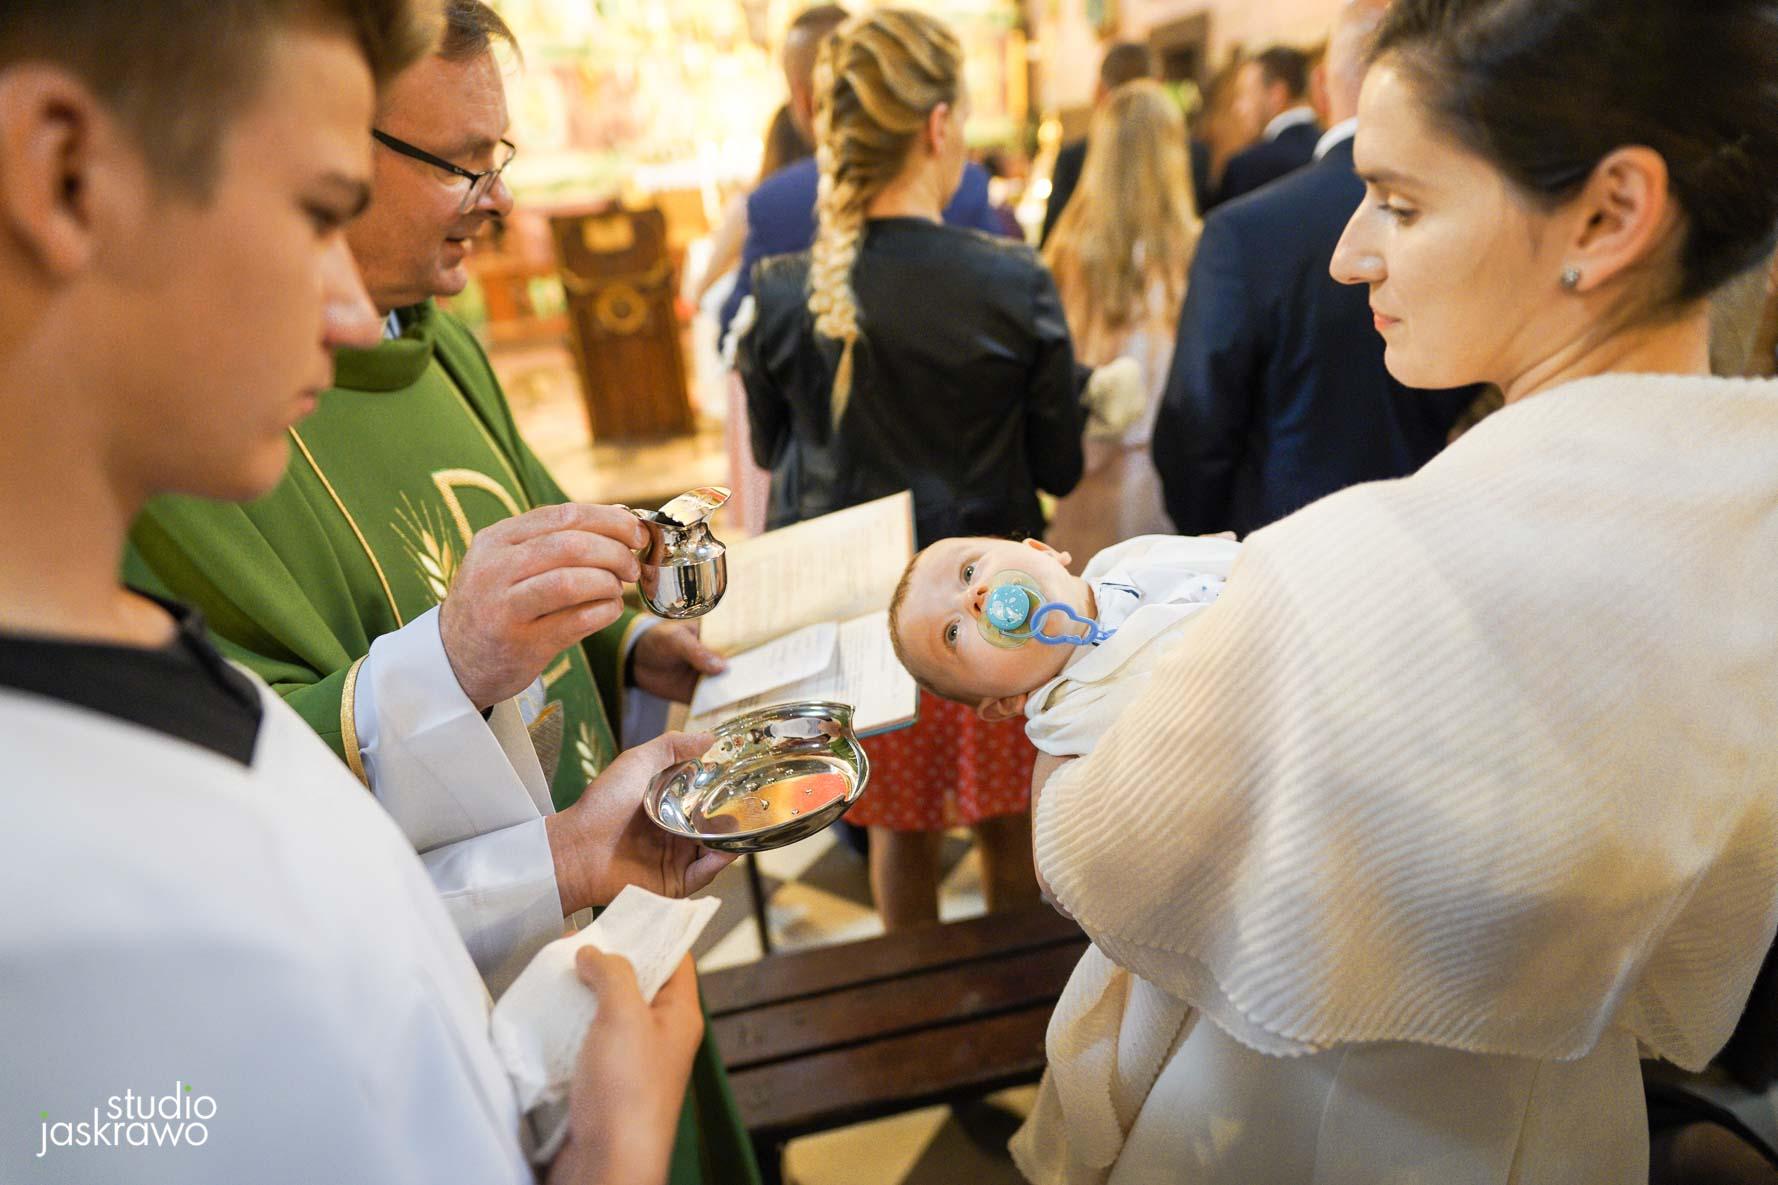 matka podaje dziecko do chrztu, ksiądz trzyma wodę święconą